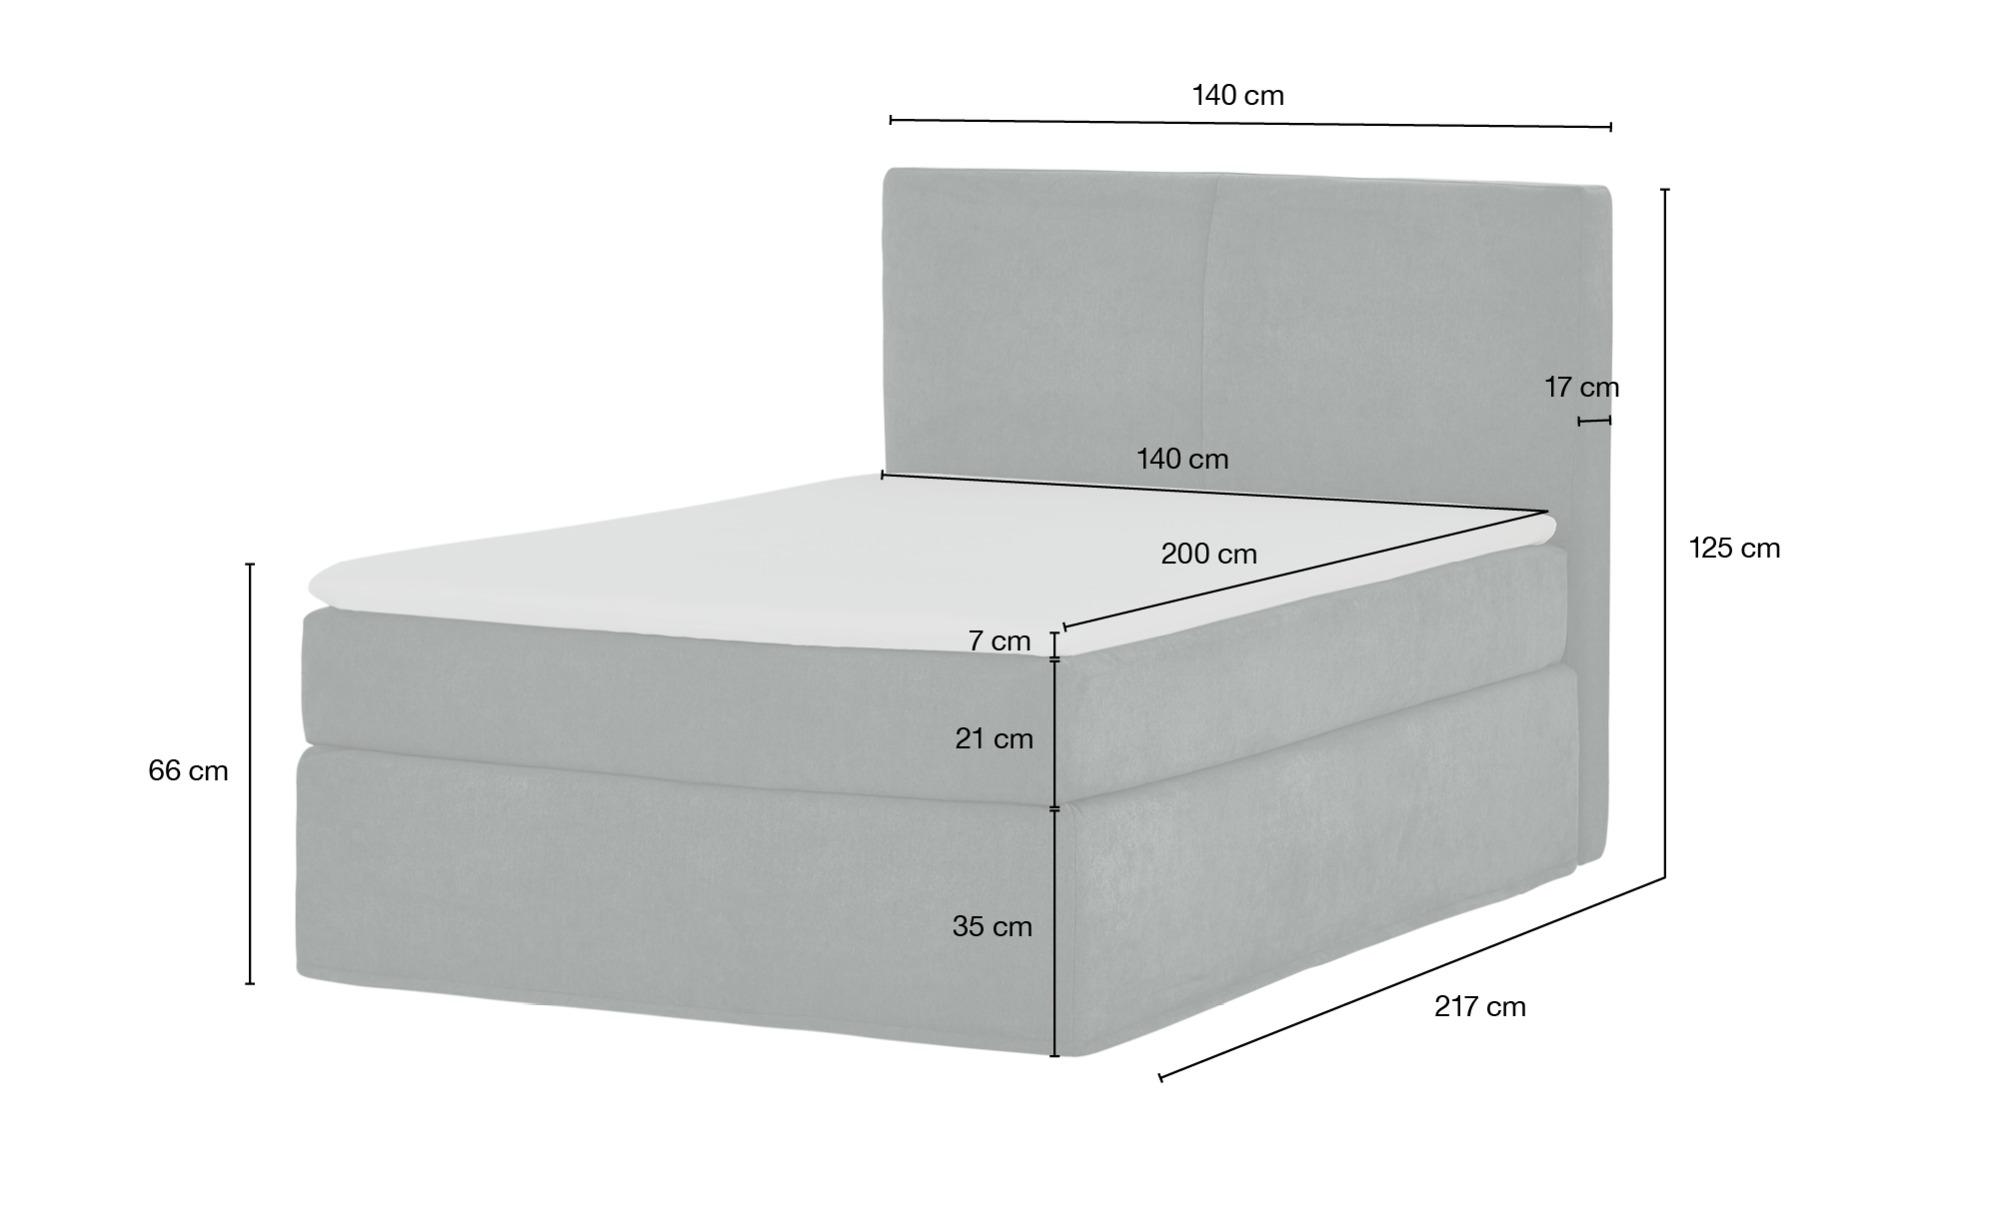 Boxspringbett 140 x 200 cm  Boxi ¦ grau ¦ Maße (cm): B: 140 H: 125 Betten > Boxspringbetten > Boxspringbetten 140x200 - Höffner